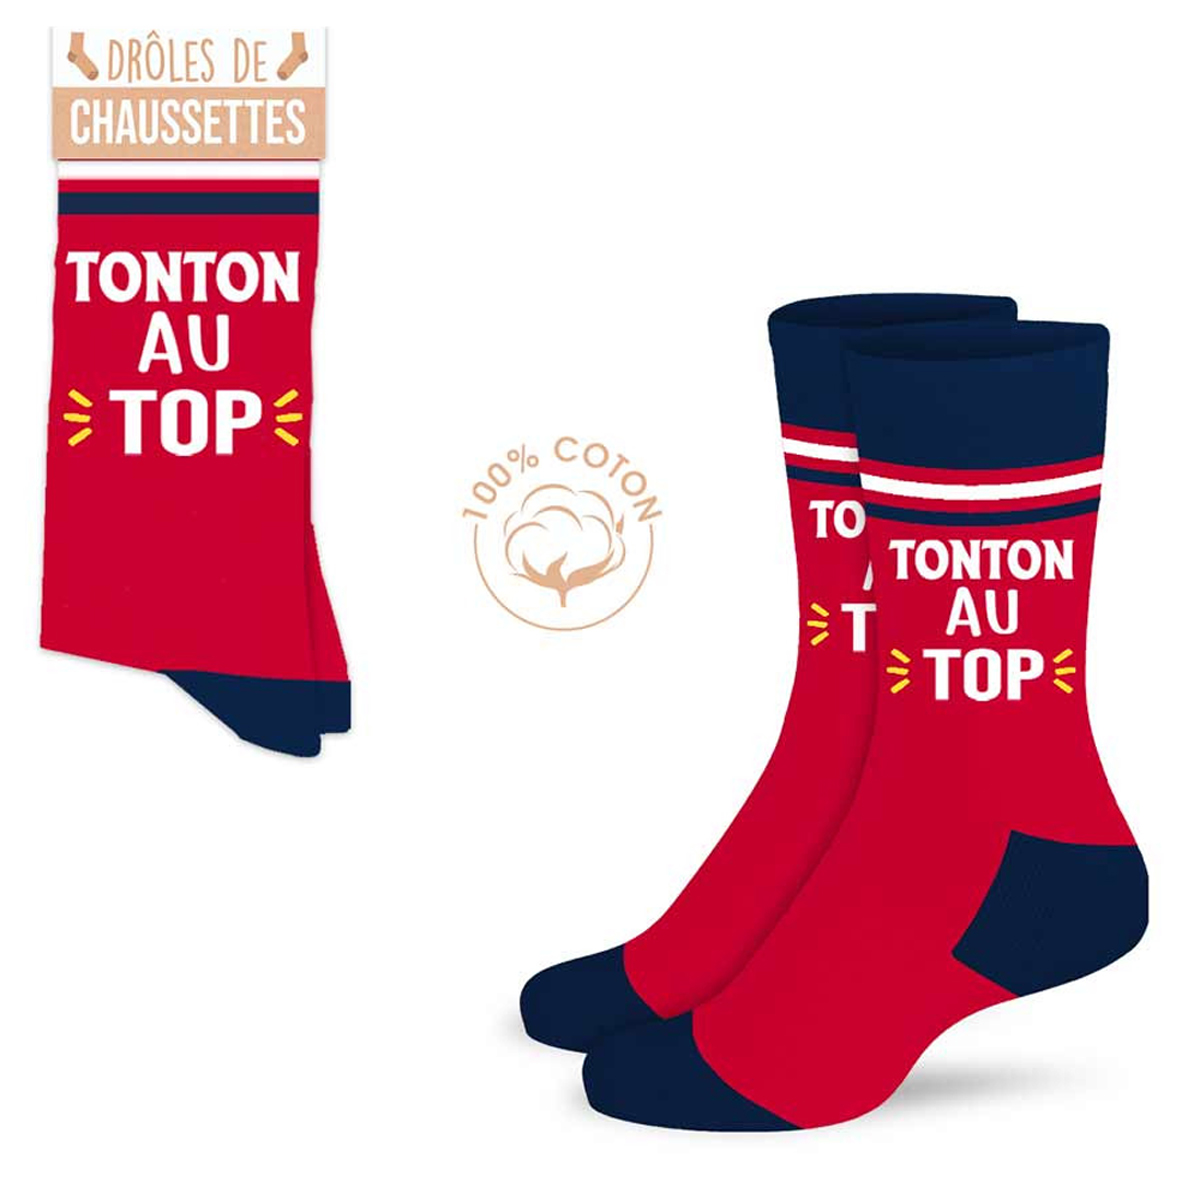 Chaussettes coton tendresse \'Tonton au top\' rouge bleu - taille unique - [A0915]